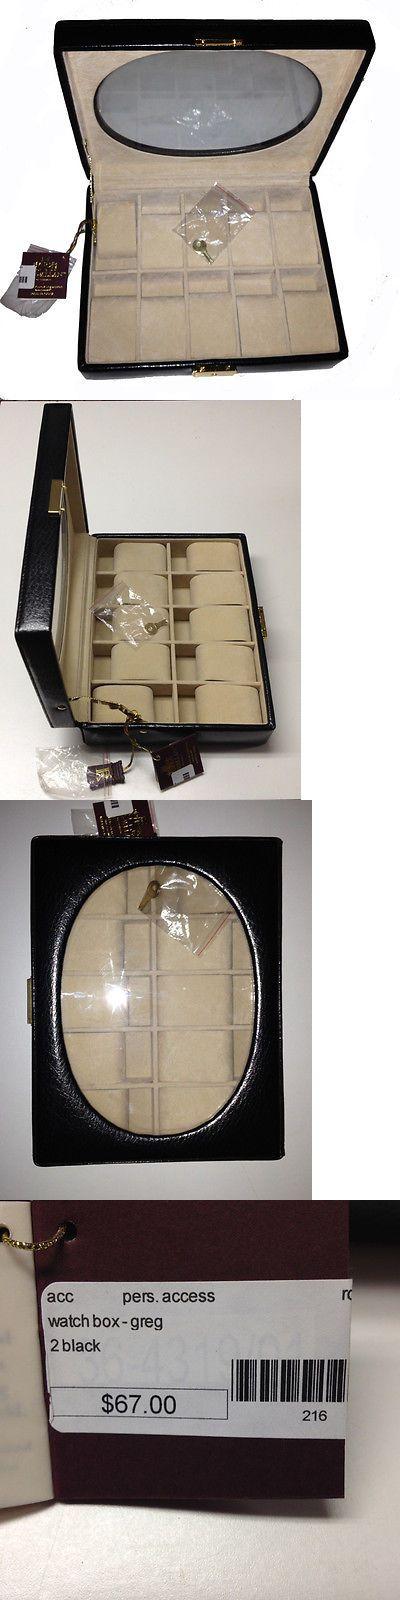 Watch 168164: Rowallan Leather Watch Box -> BUY IT NOW ONLY: $33.5 on eBay!